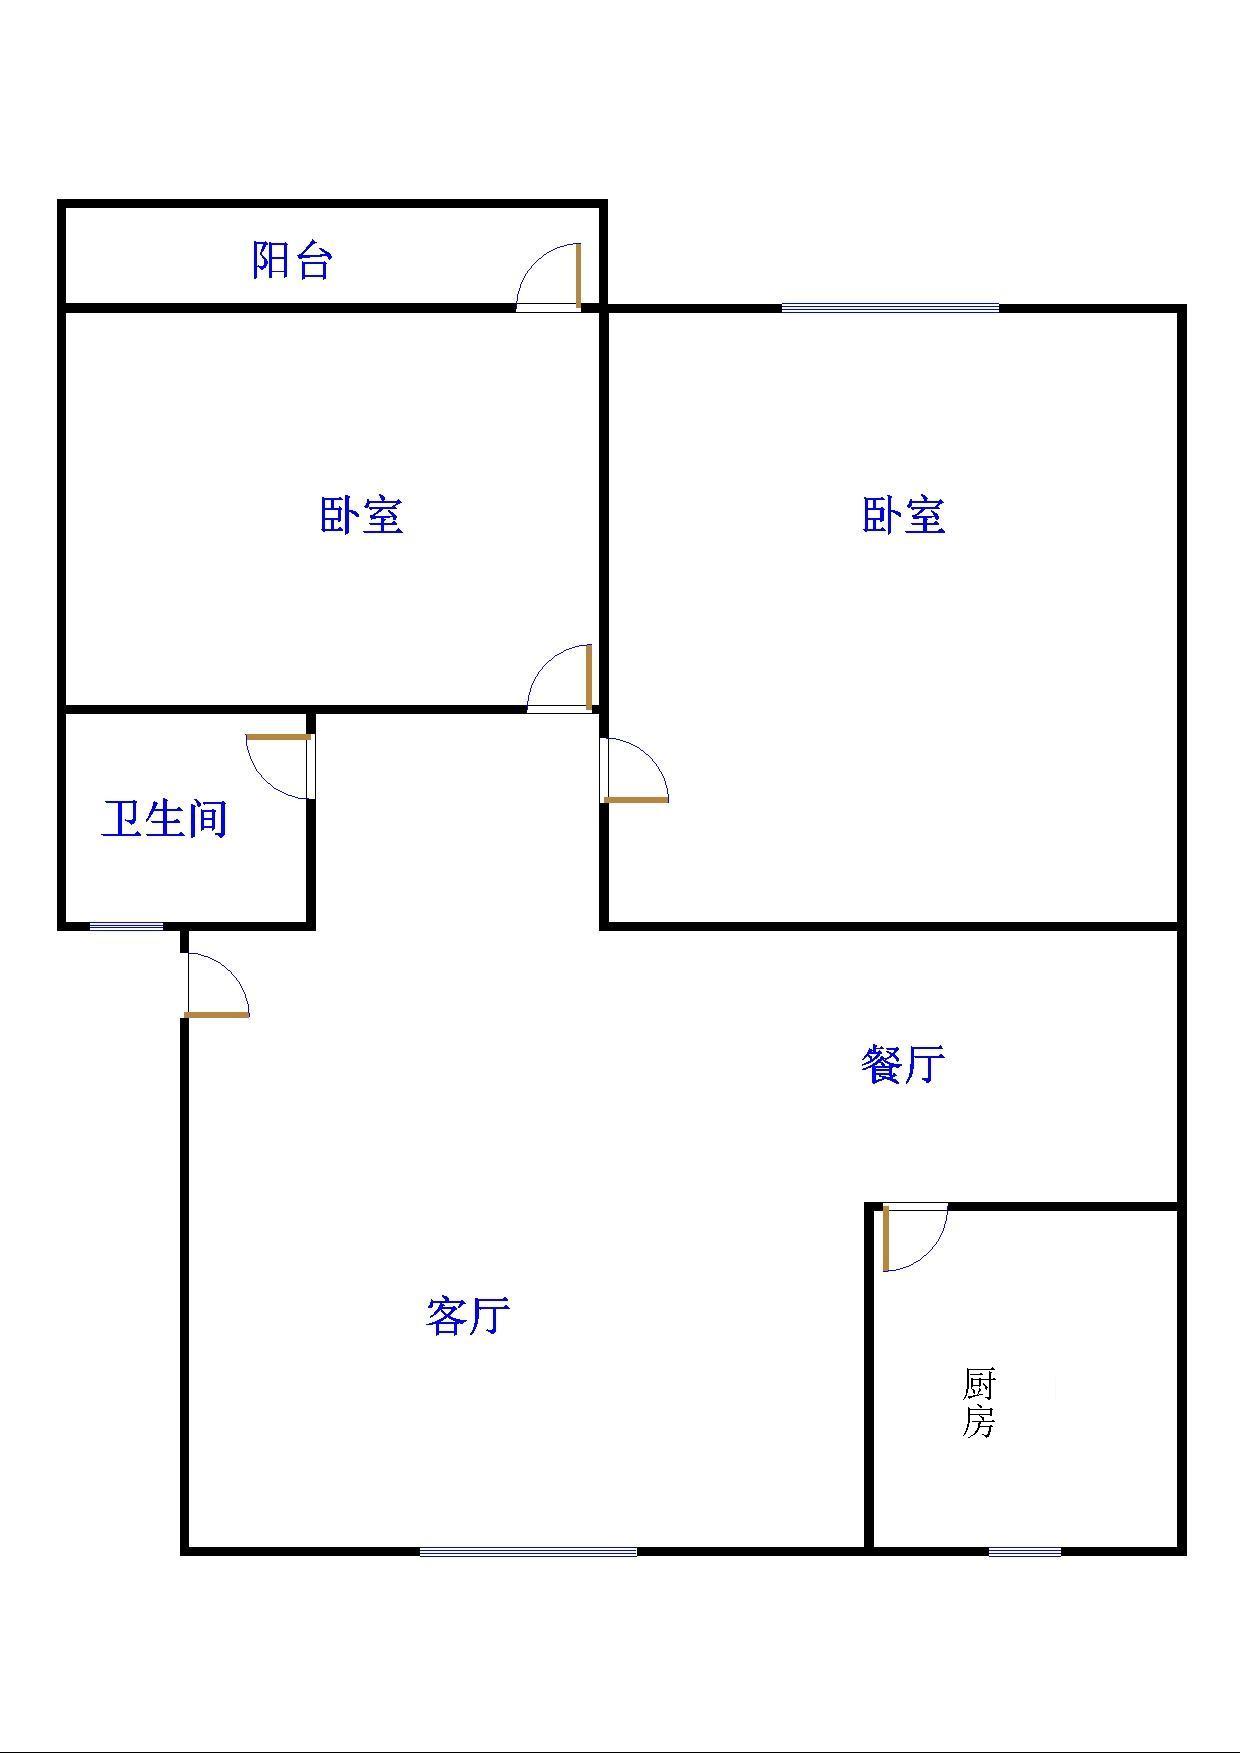 金卉小区 2室2厅 1楼